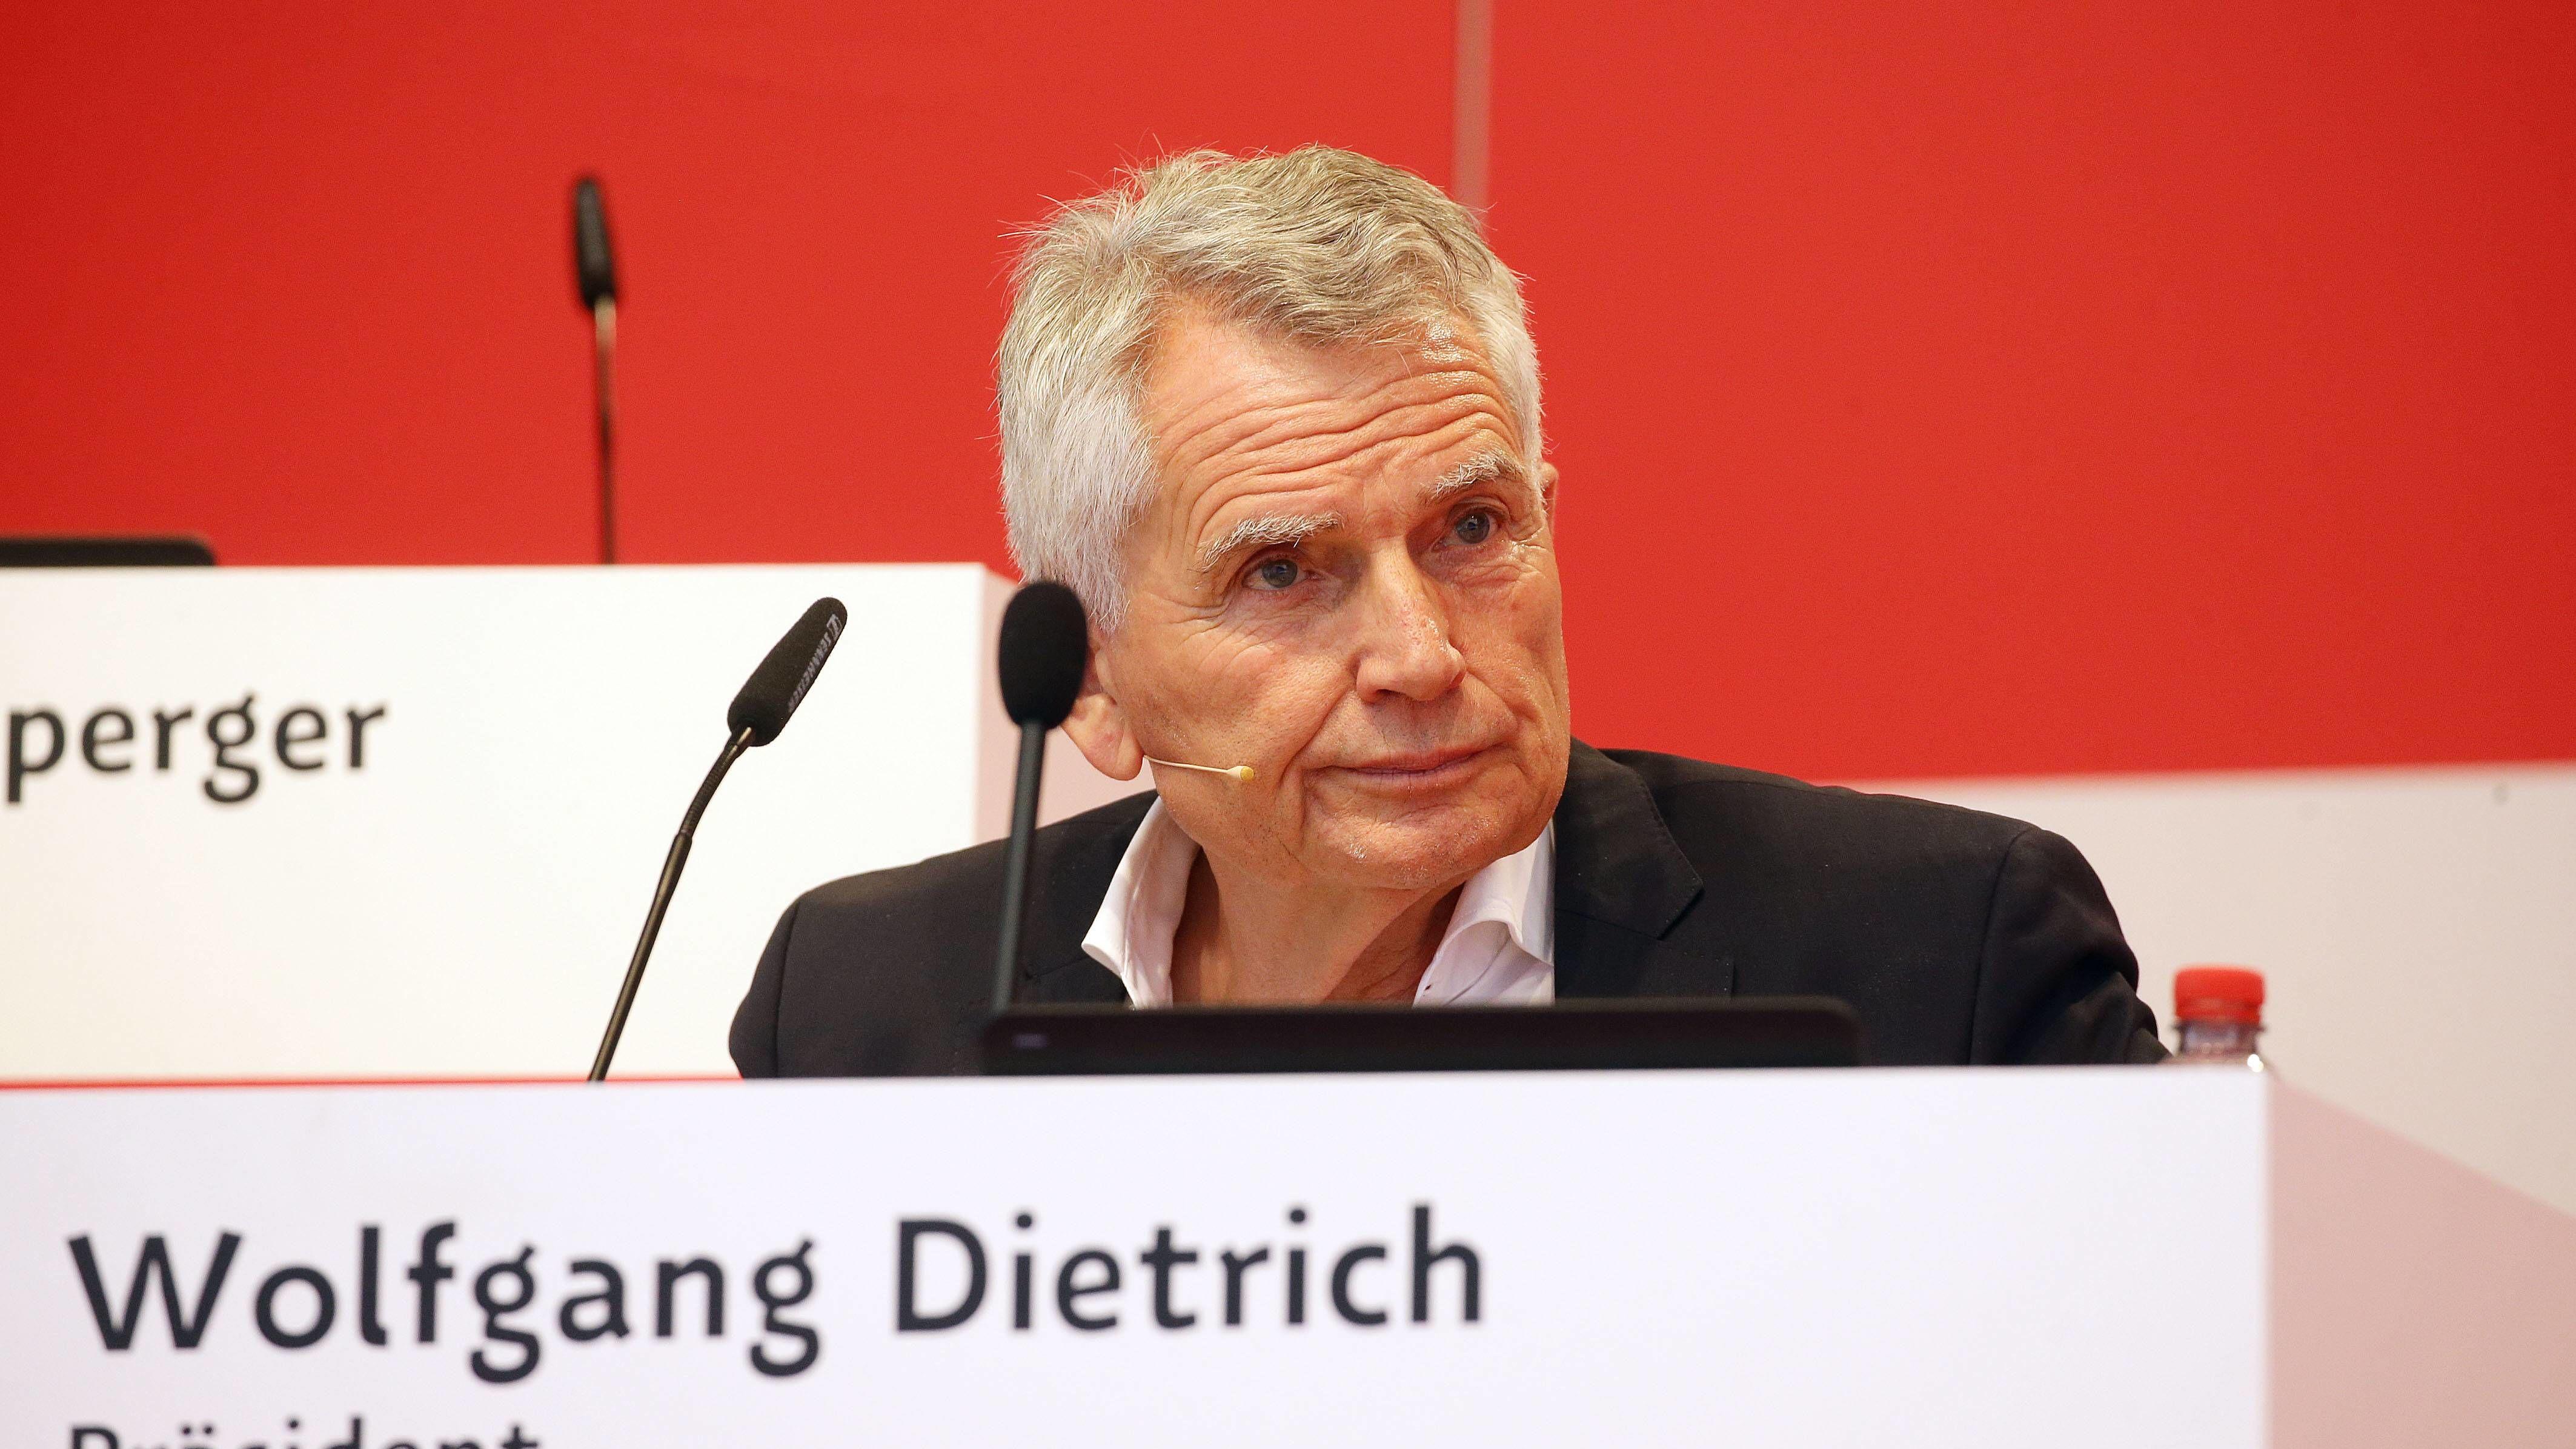 WLAN-Panne: VfB bricht Mitgliederversammlung ab | 2. Bundesliga - kicker